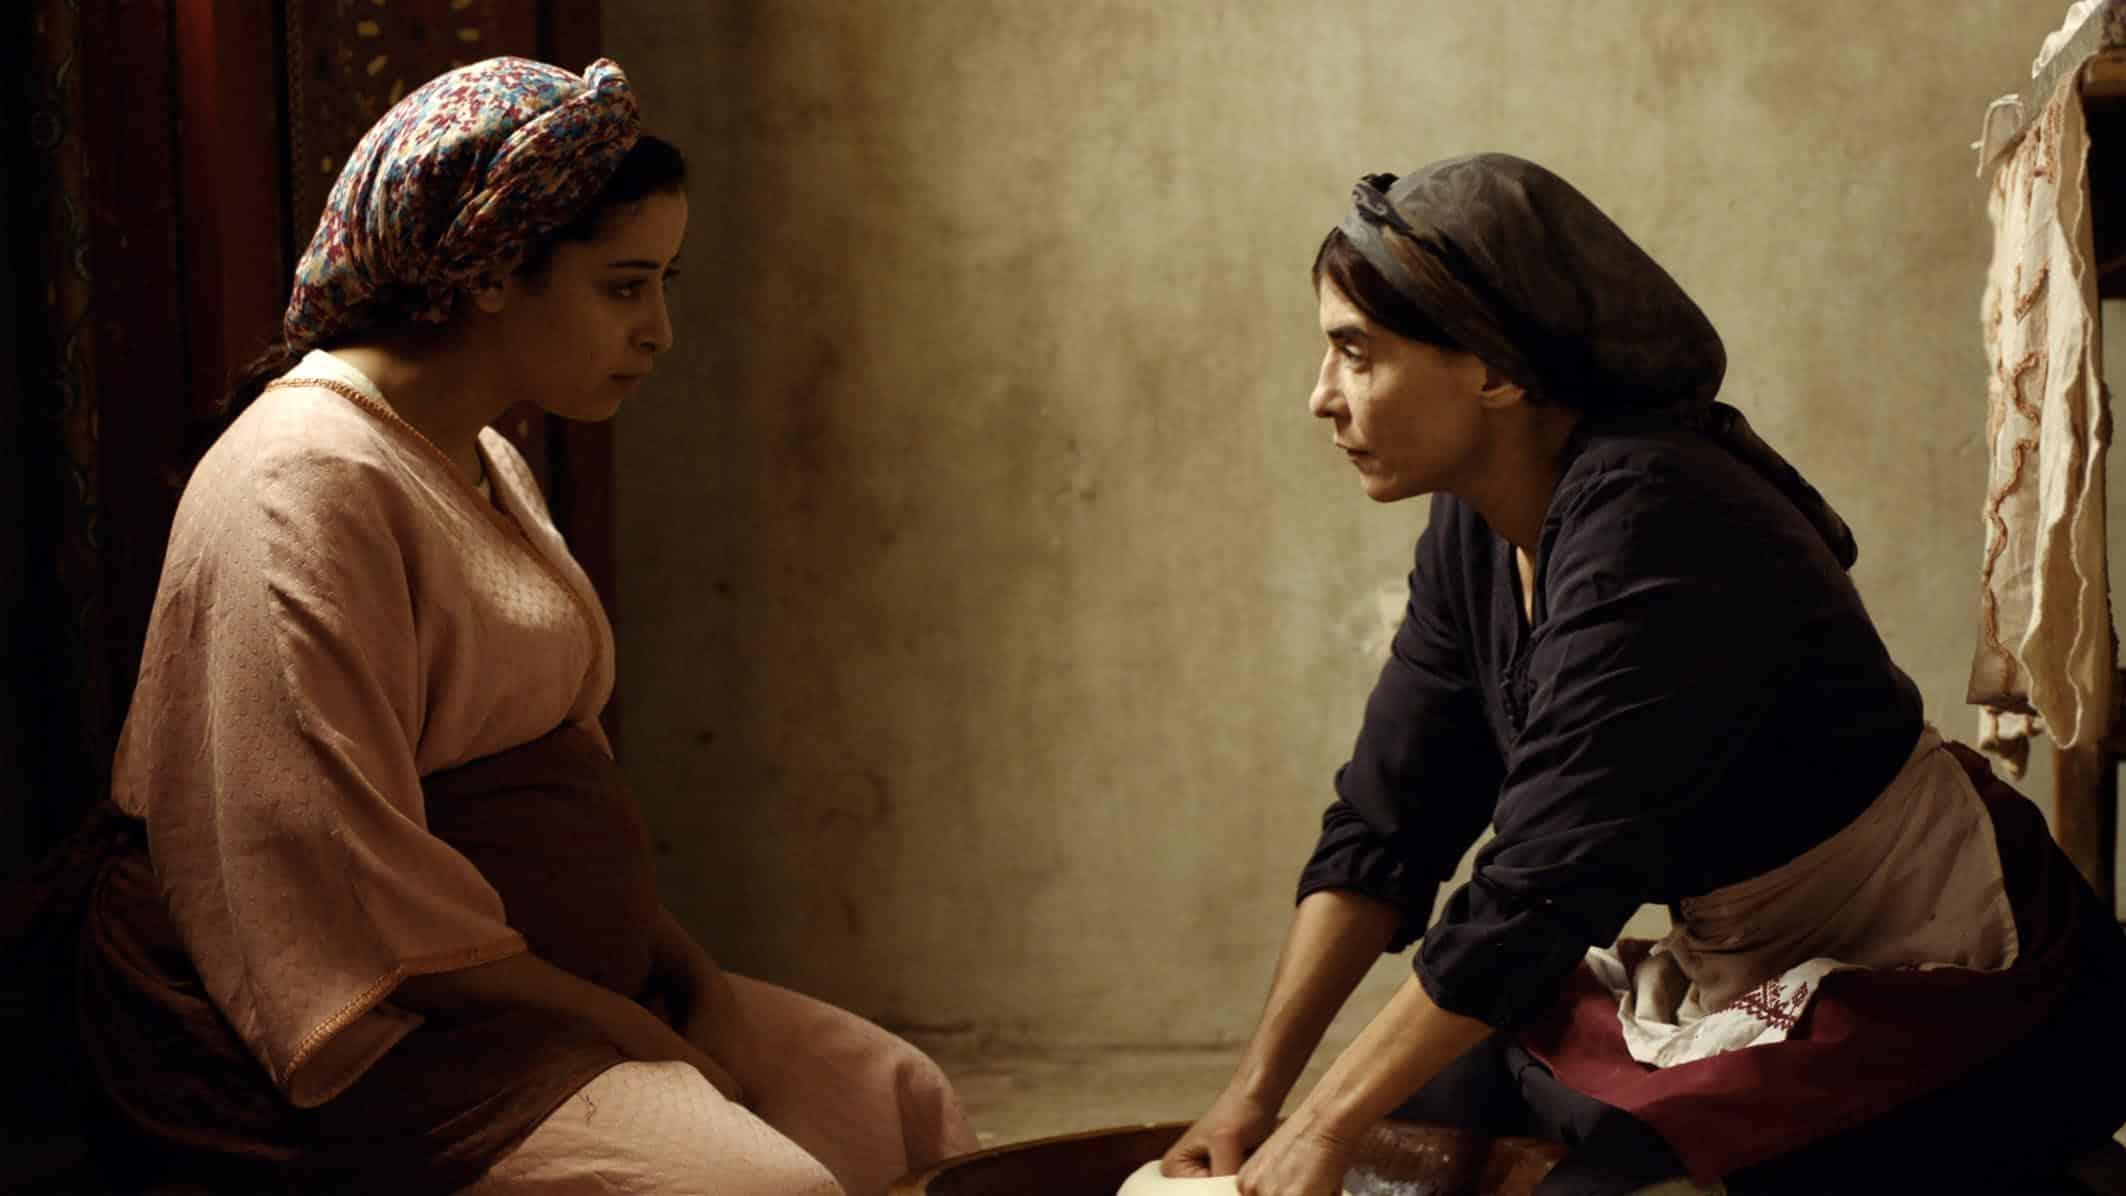 Ana Nominada Actriz Revelación Cine Porno sección oficial – largometrajes – seminci